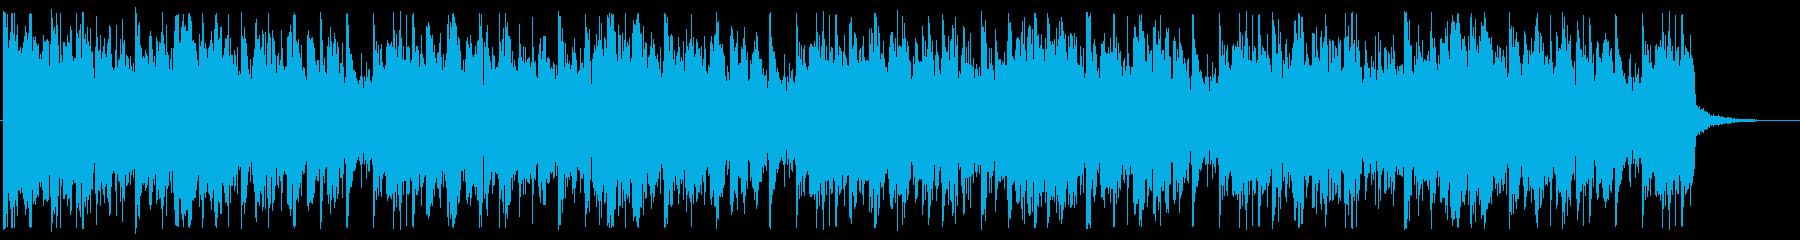 開放的/宇宙/エレクトロ_No602_4の再生済みの波形